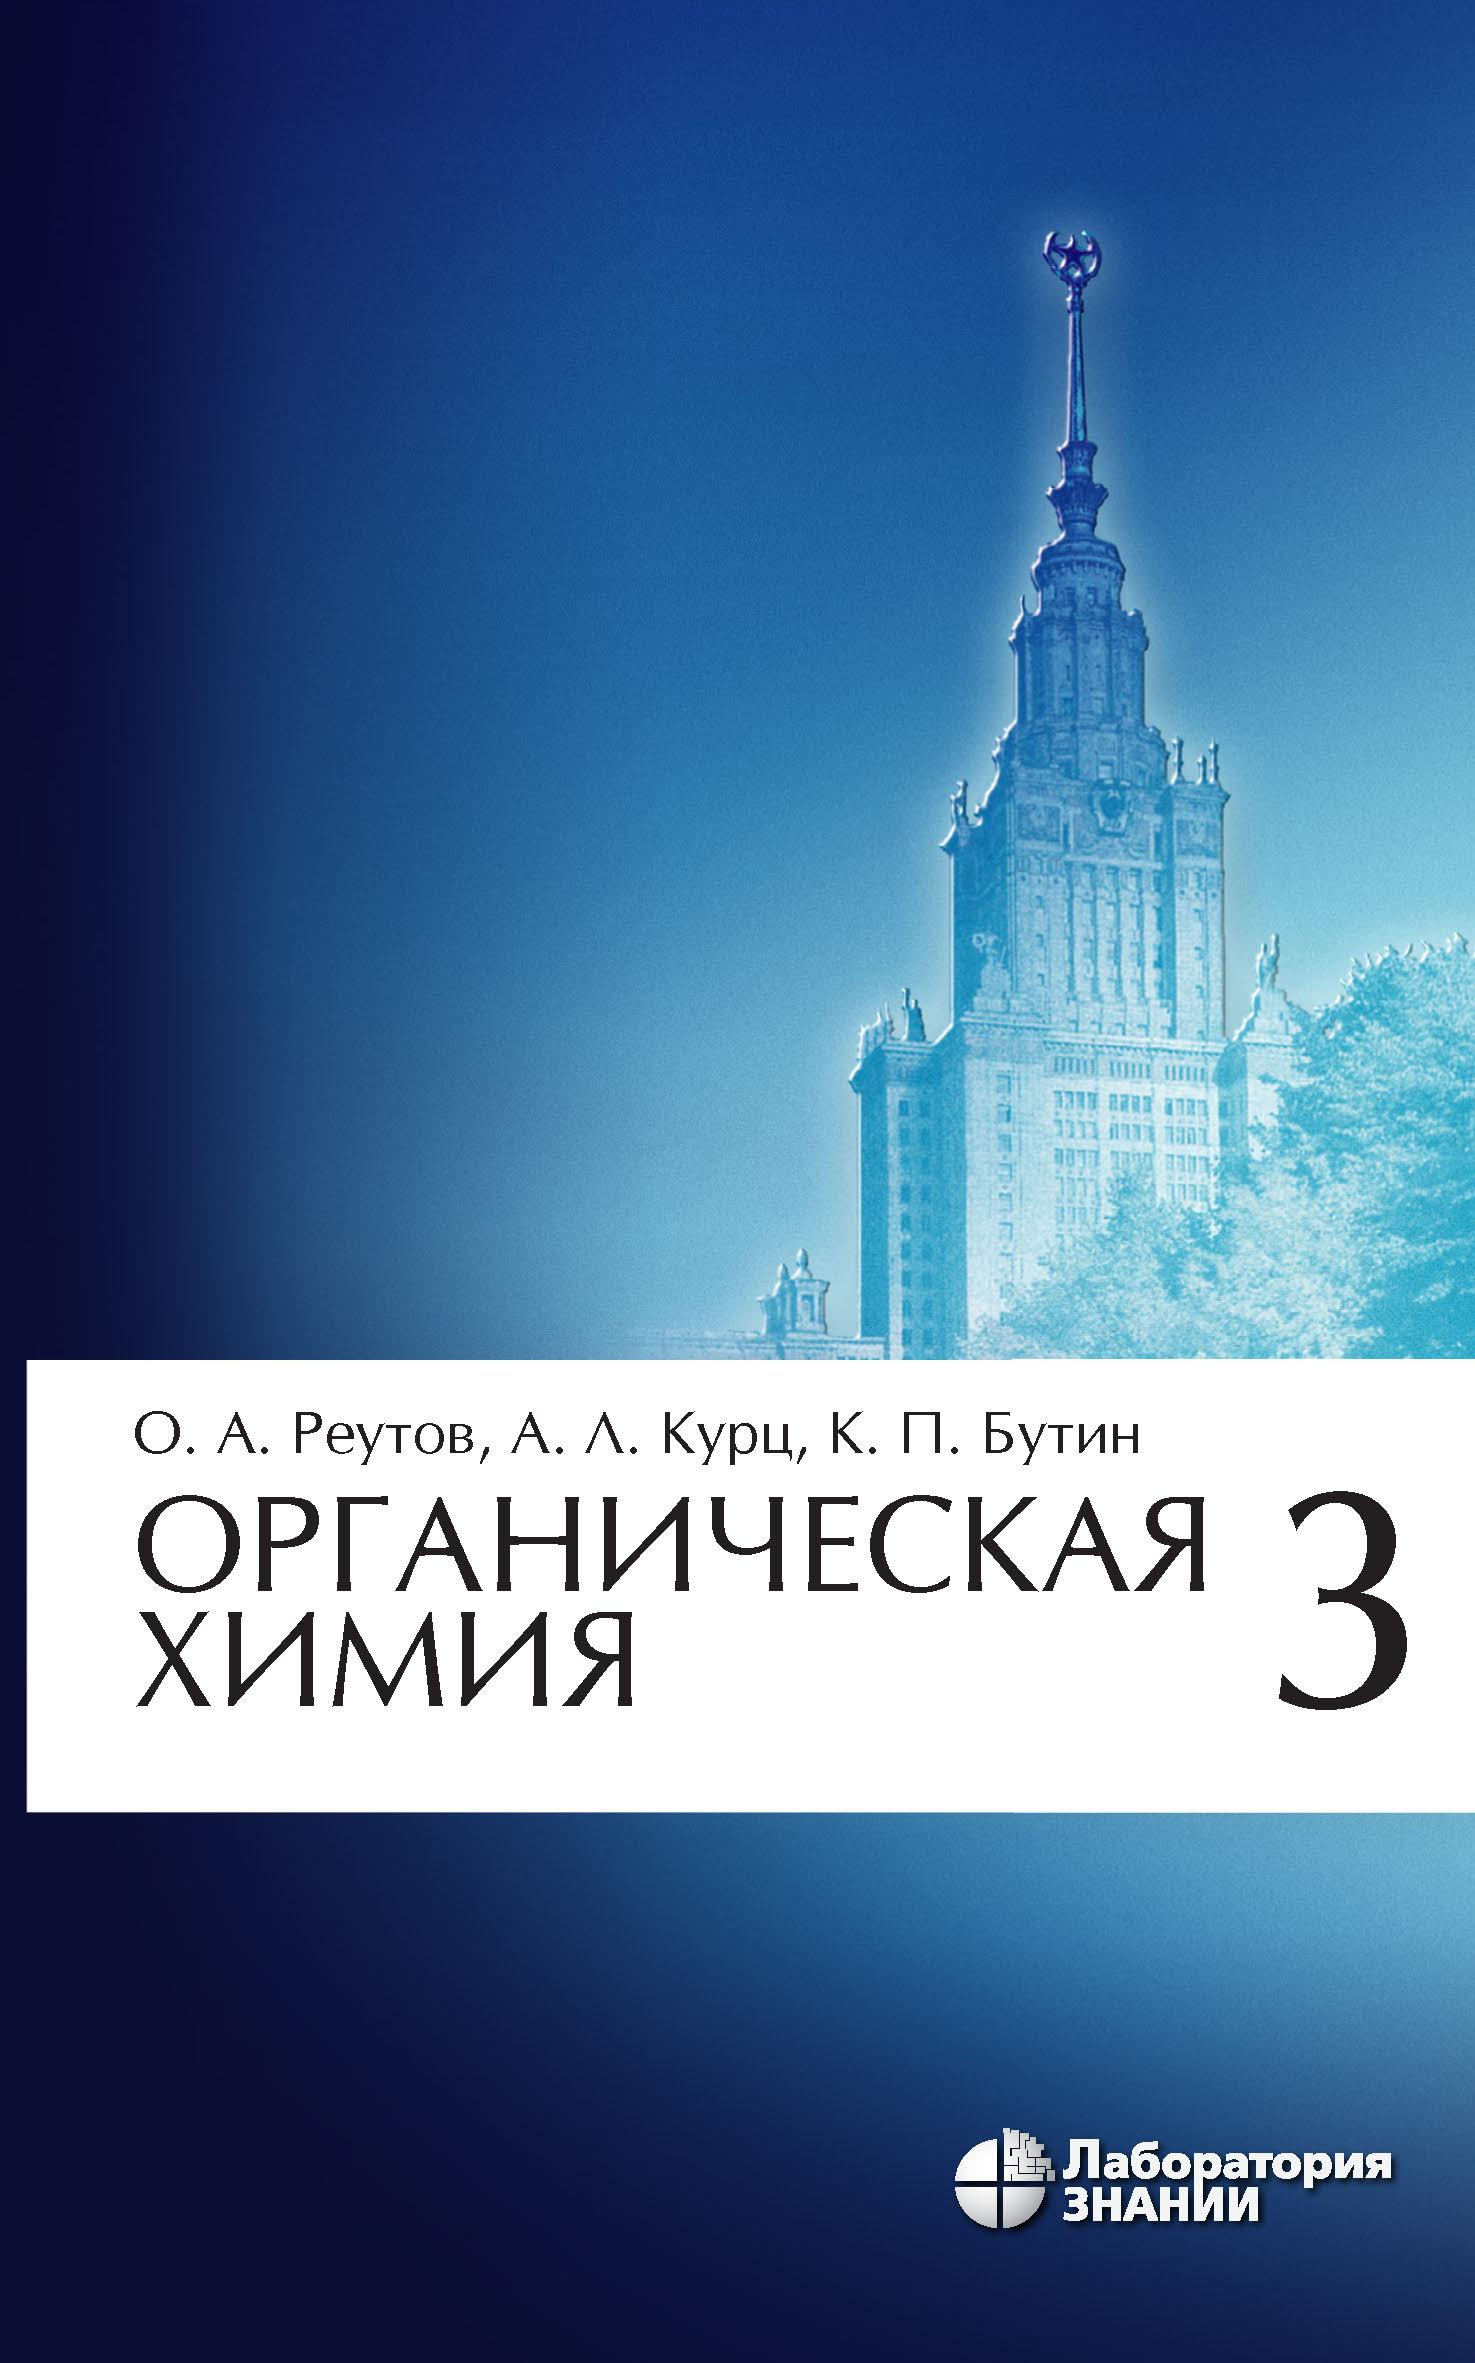 К. П. Бутин Органическая химия. Часть 3 каминский в органическая химия часть 1 учебник